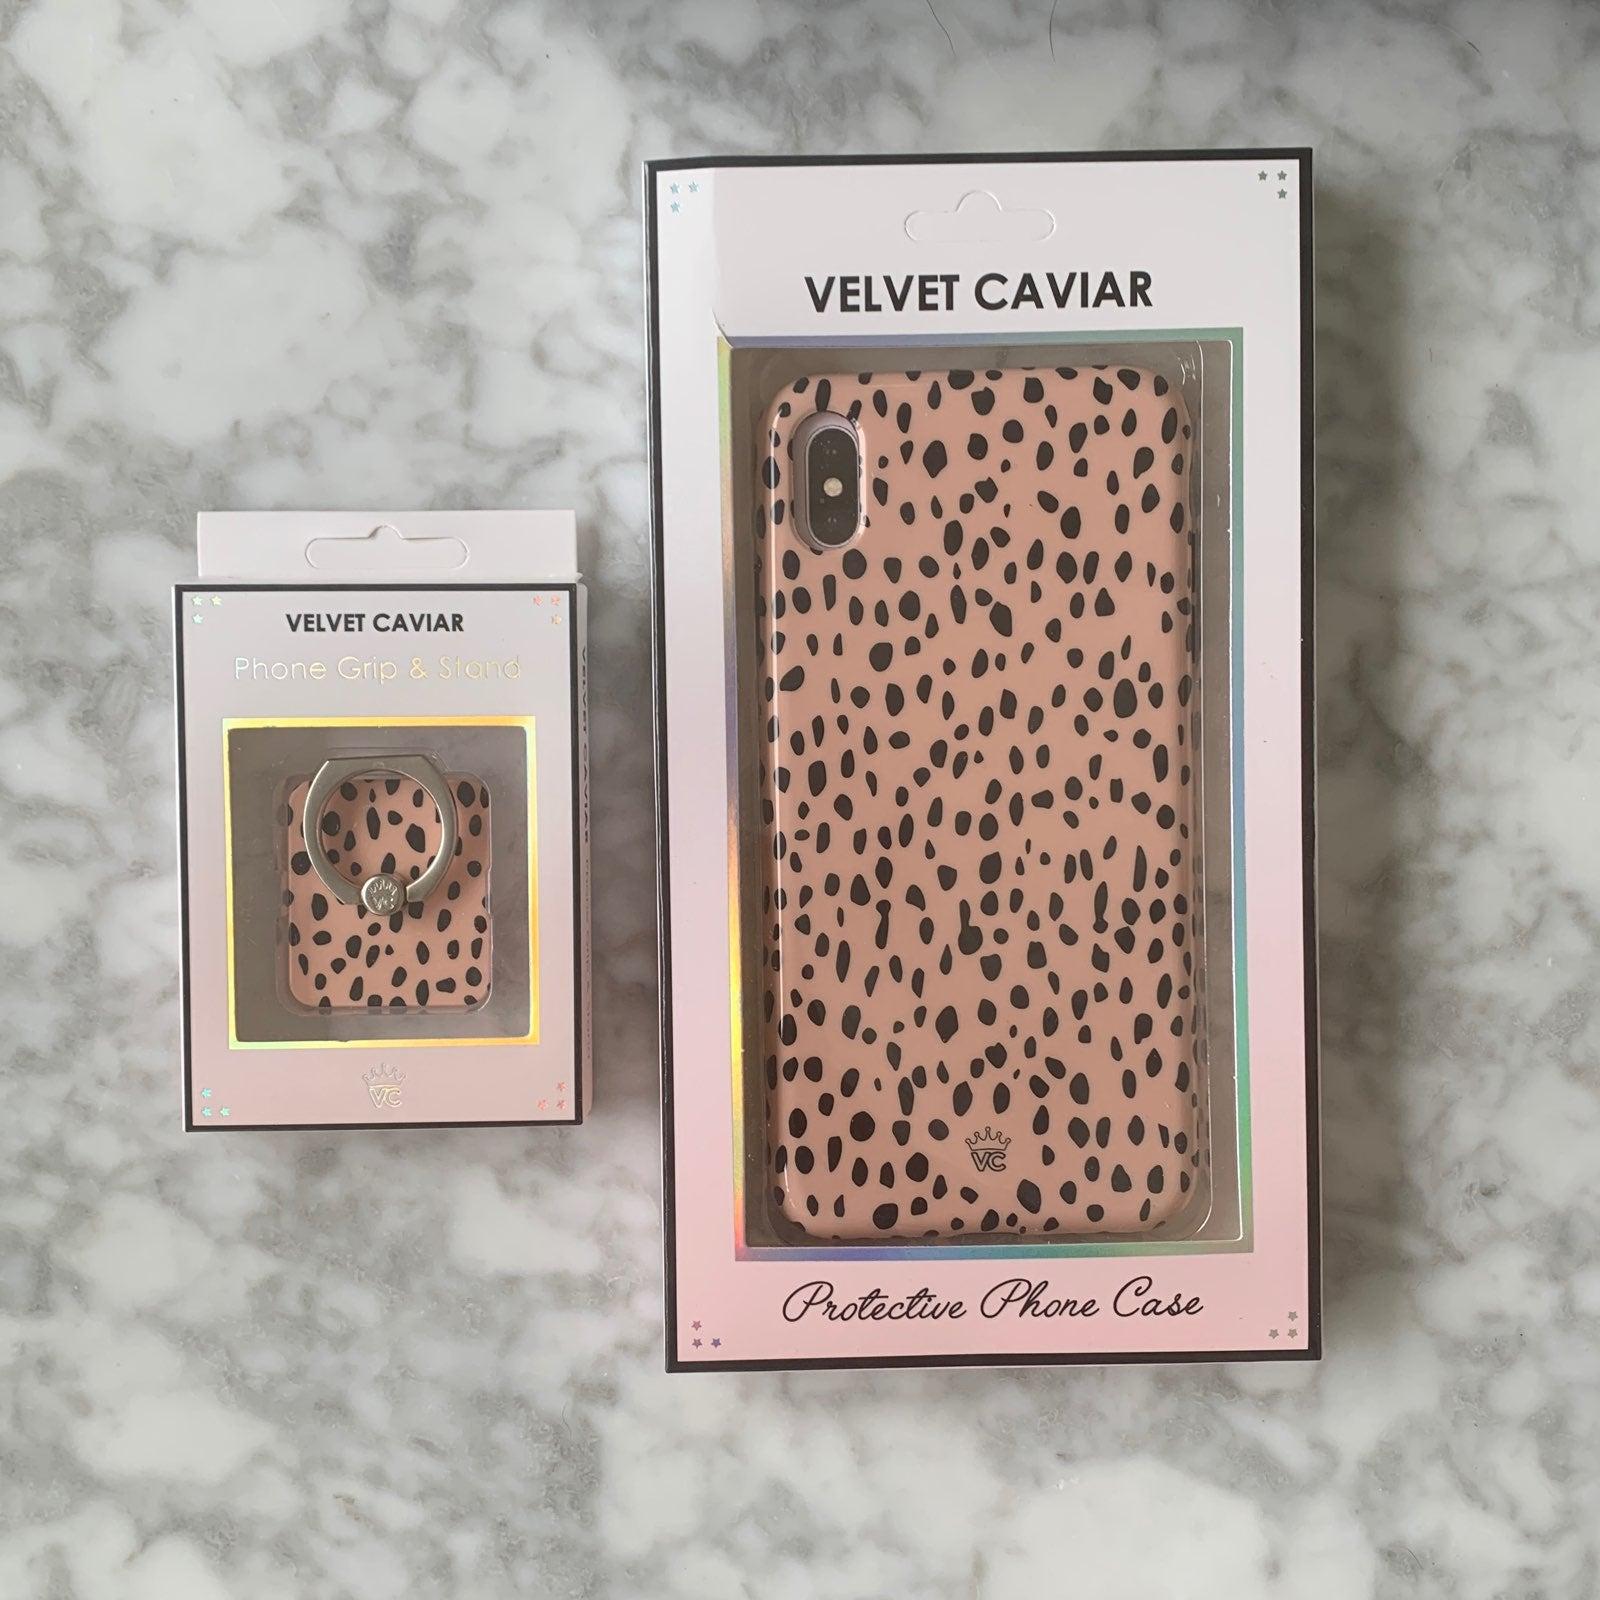 Velvet Caviar iPhone XS Max case & grip